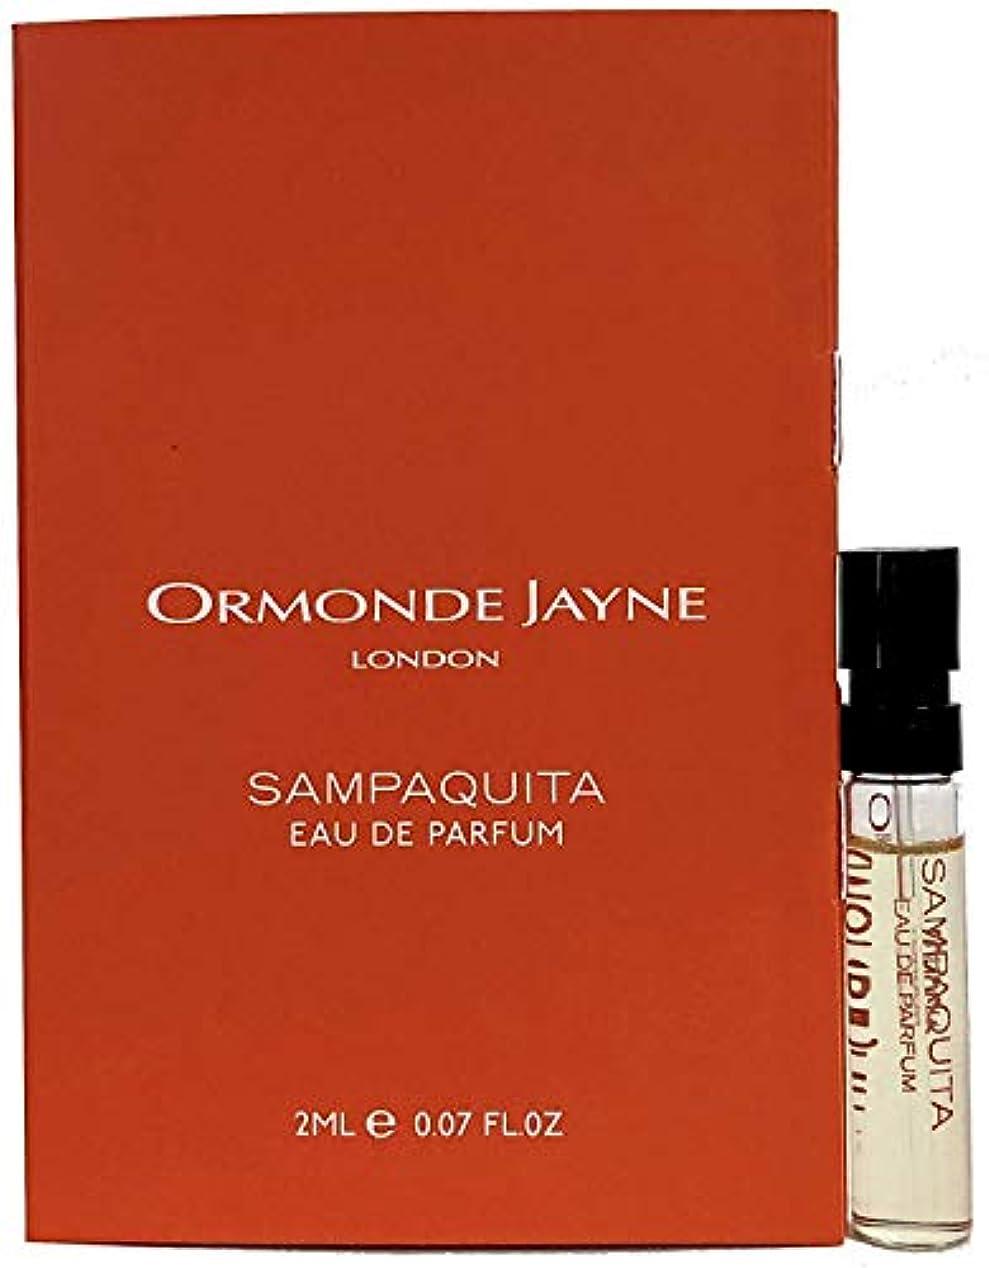 エスカレートエイズアリスオーモンド ジェーン サンパキータ オードパルファン 2ml(Ormonde Jayne SAMPAQUITA EDP Vial Sample 2ml)